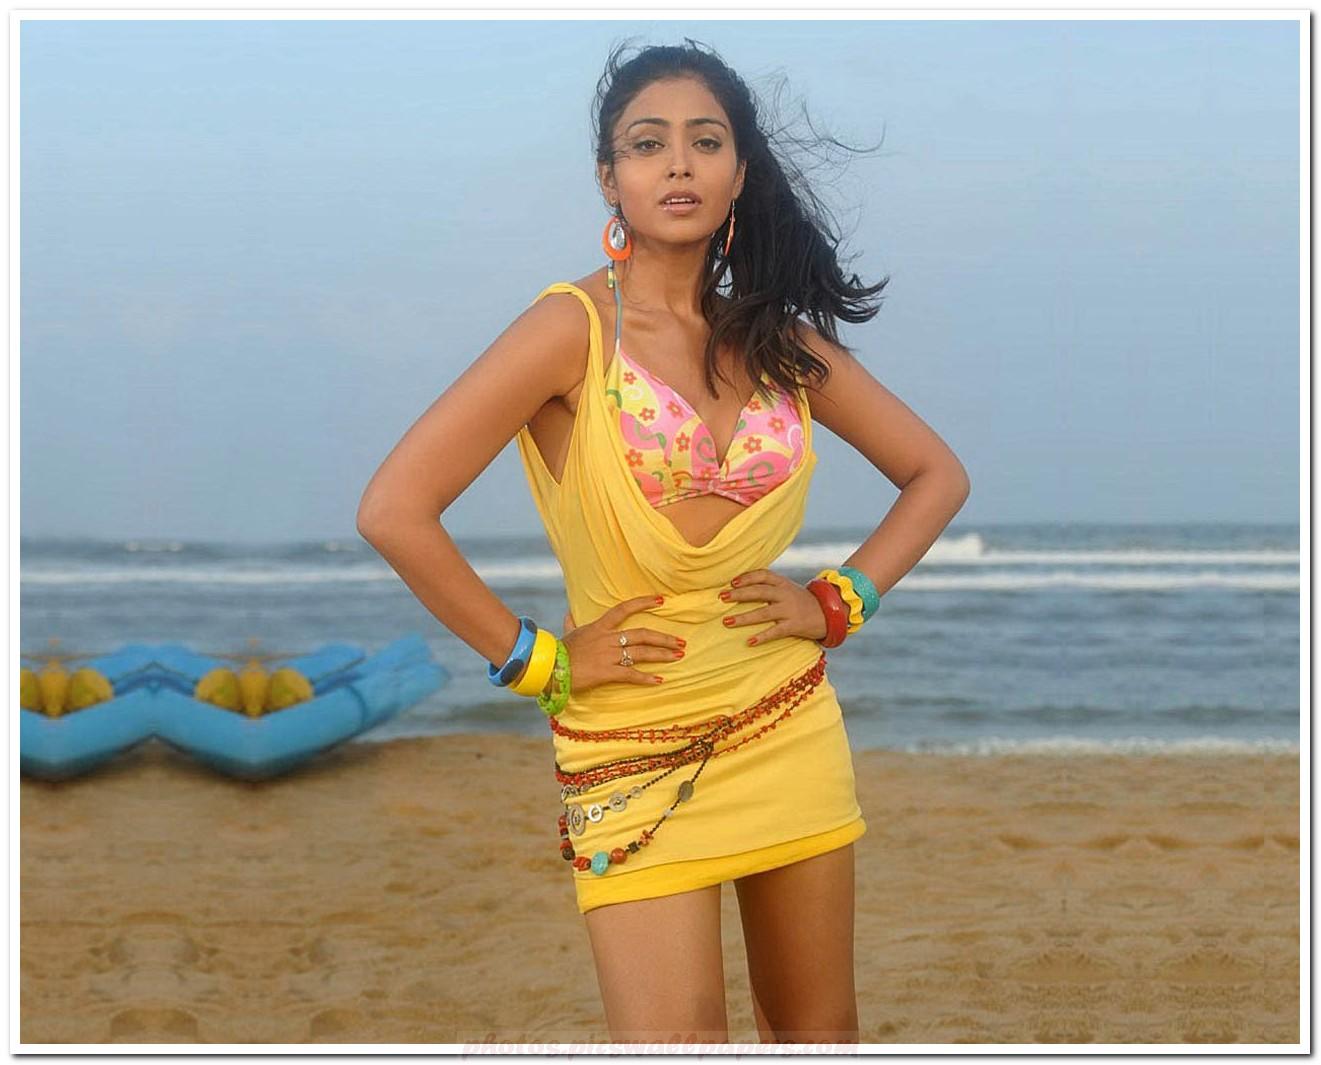 hot bikini saran Shriya